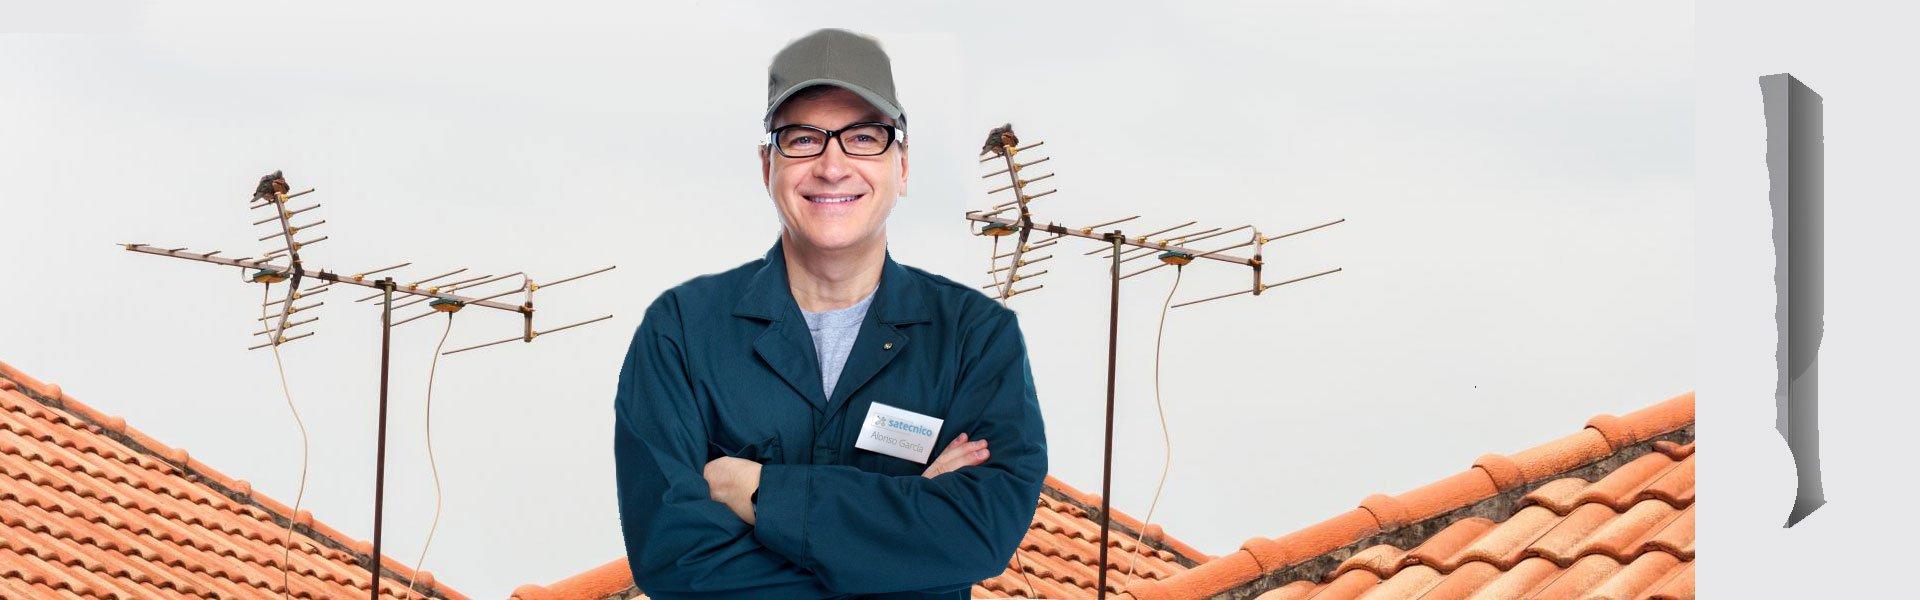 servicio tecnico antenas